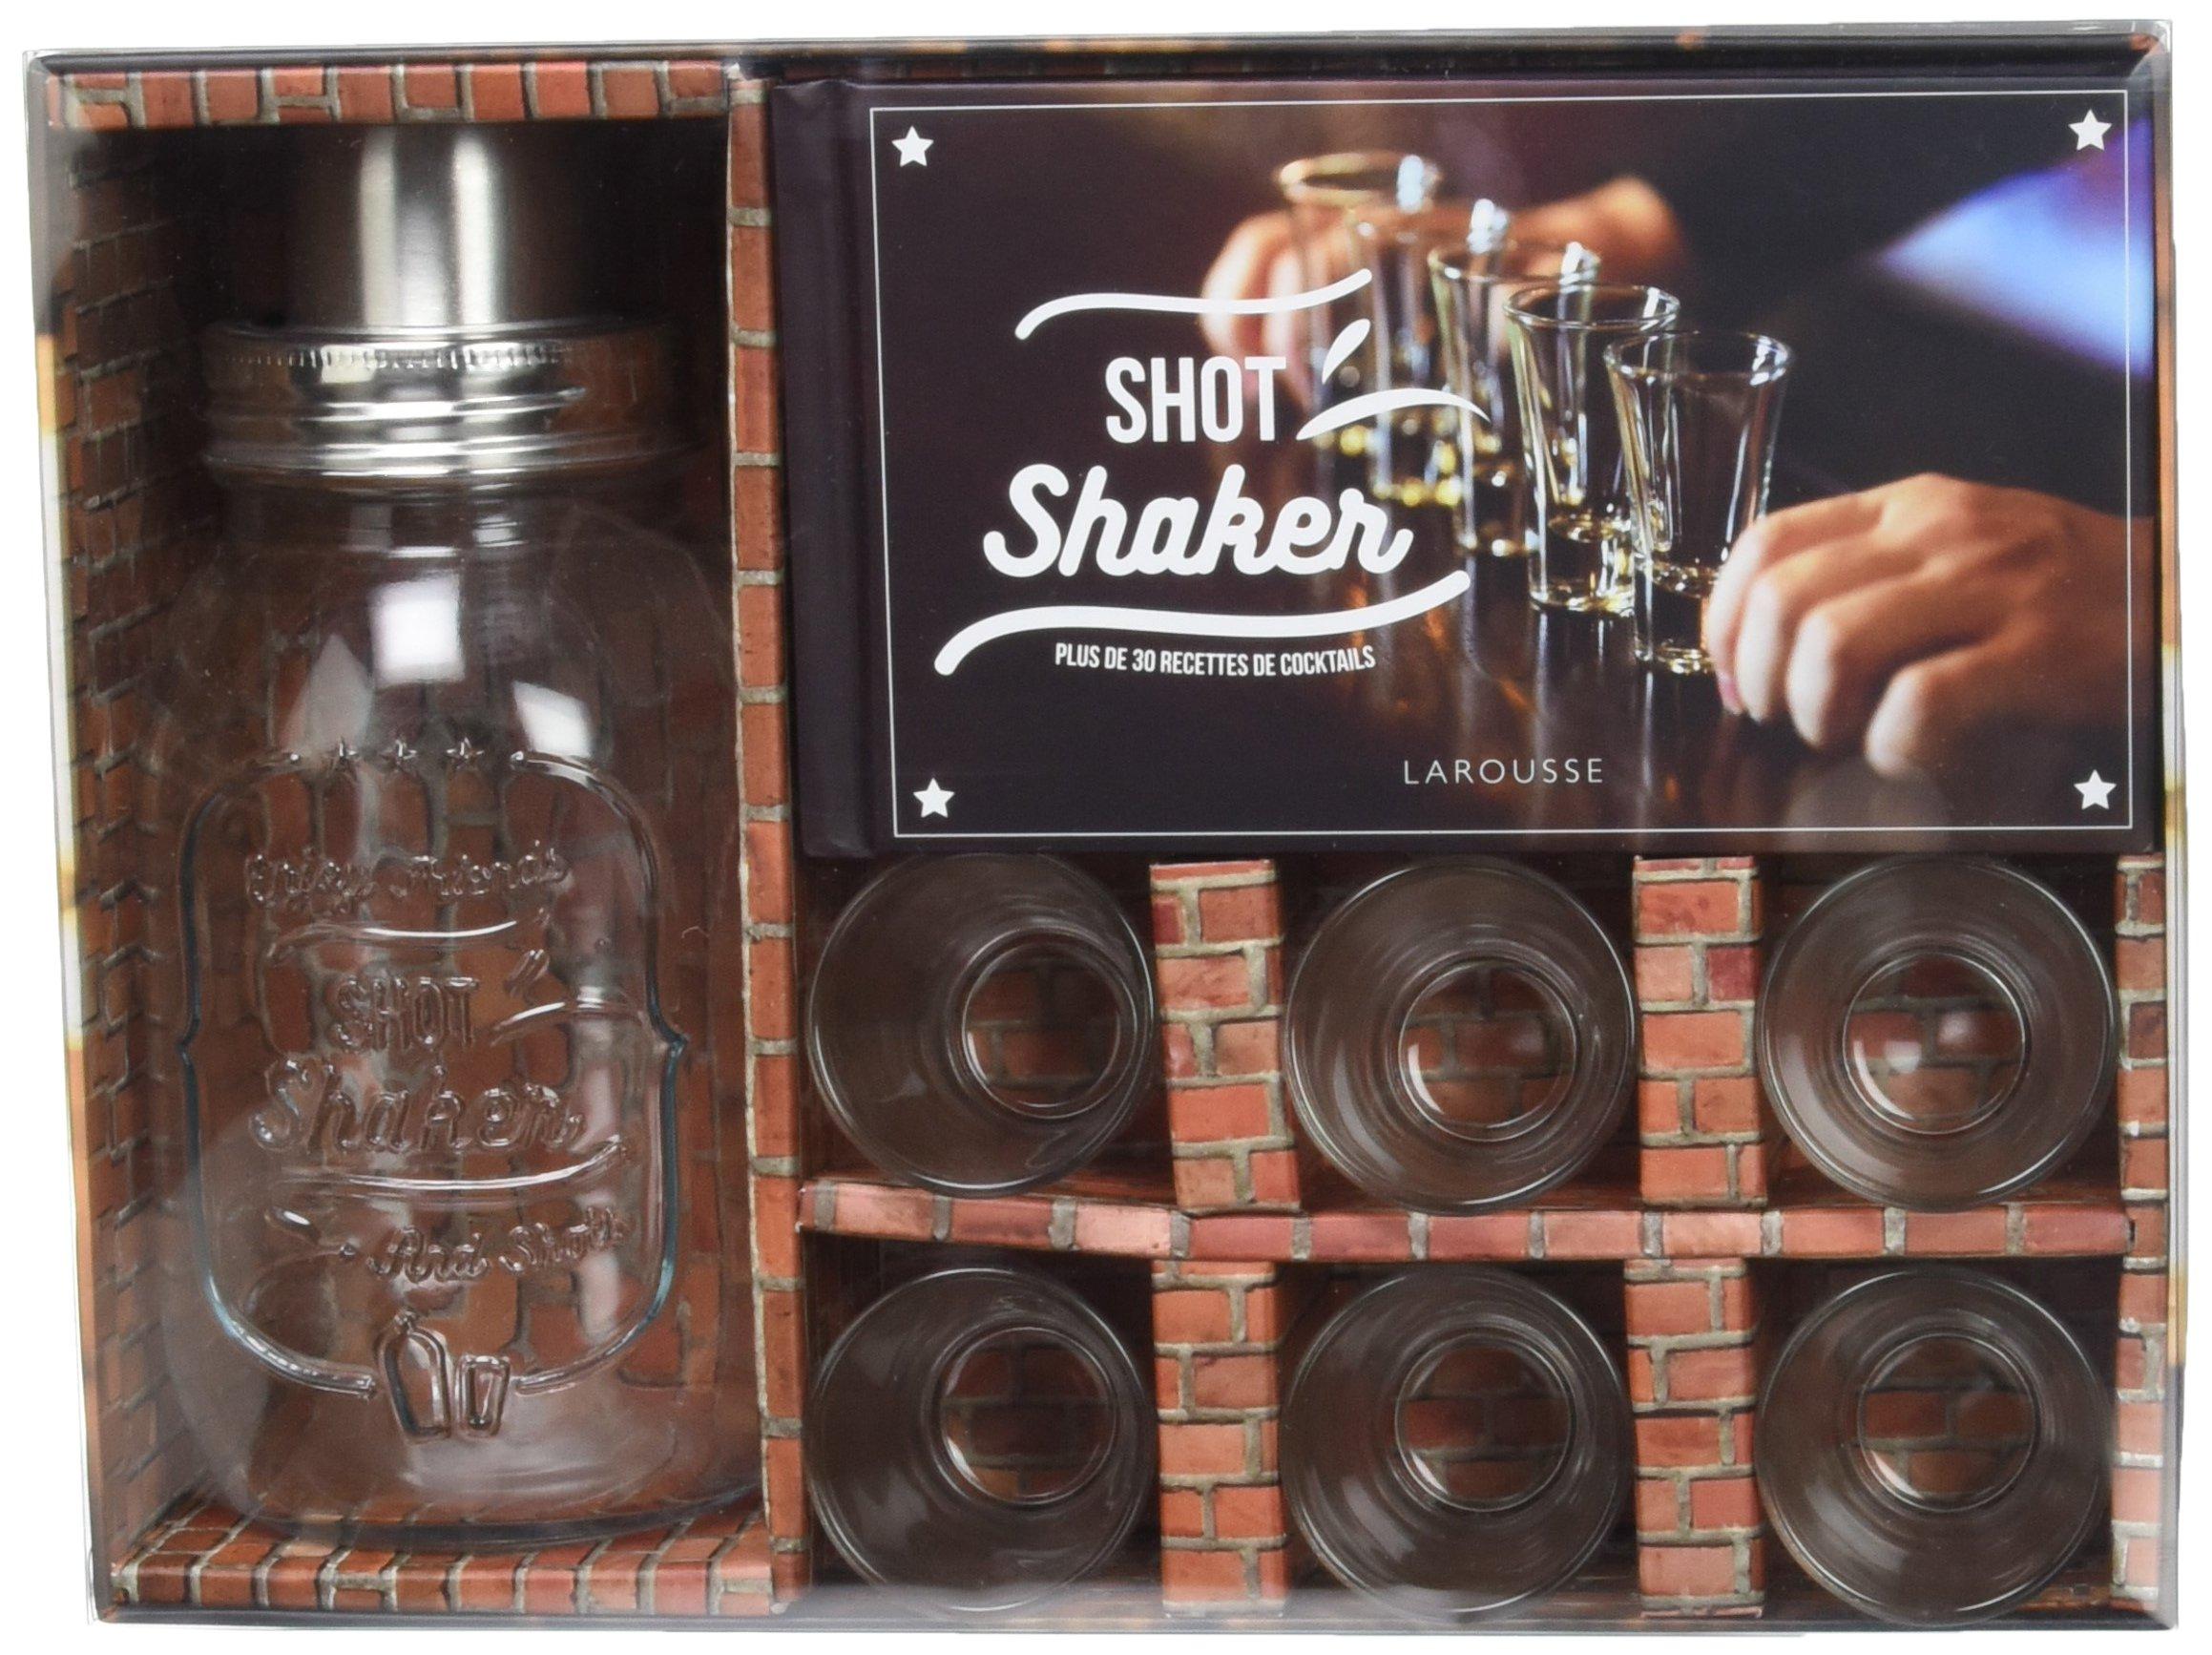 Shot shaker, plus de 30 recettes de cocktails : Avec 1 shaker et 6 verres à shot Coffret produits – 12 octobre 2016 Sandrine Houdré-Grégoire Matthias Giroud Fabrice Besse Larousse